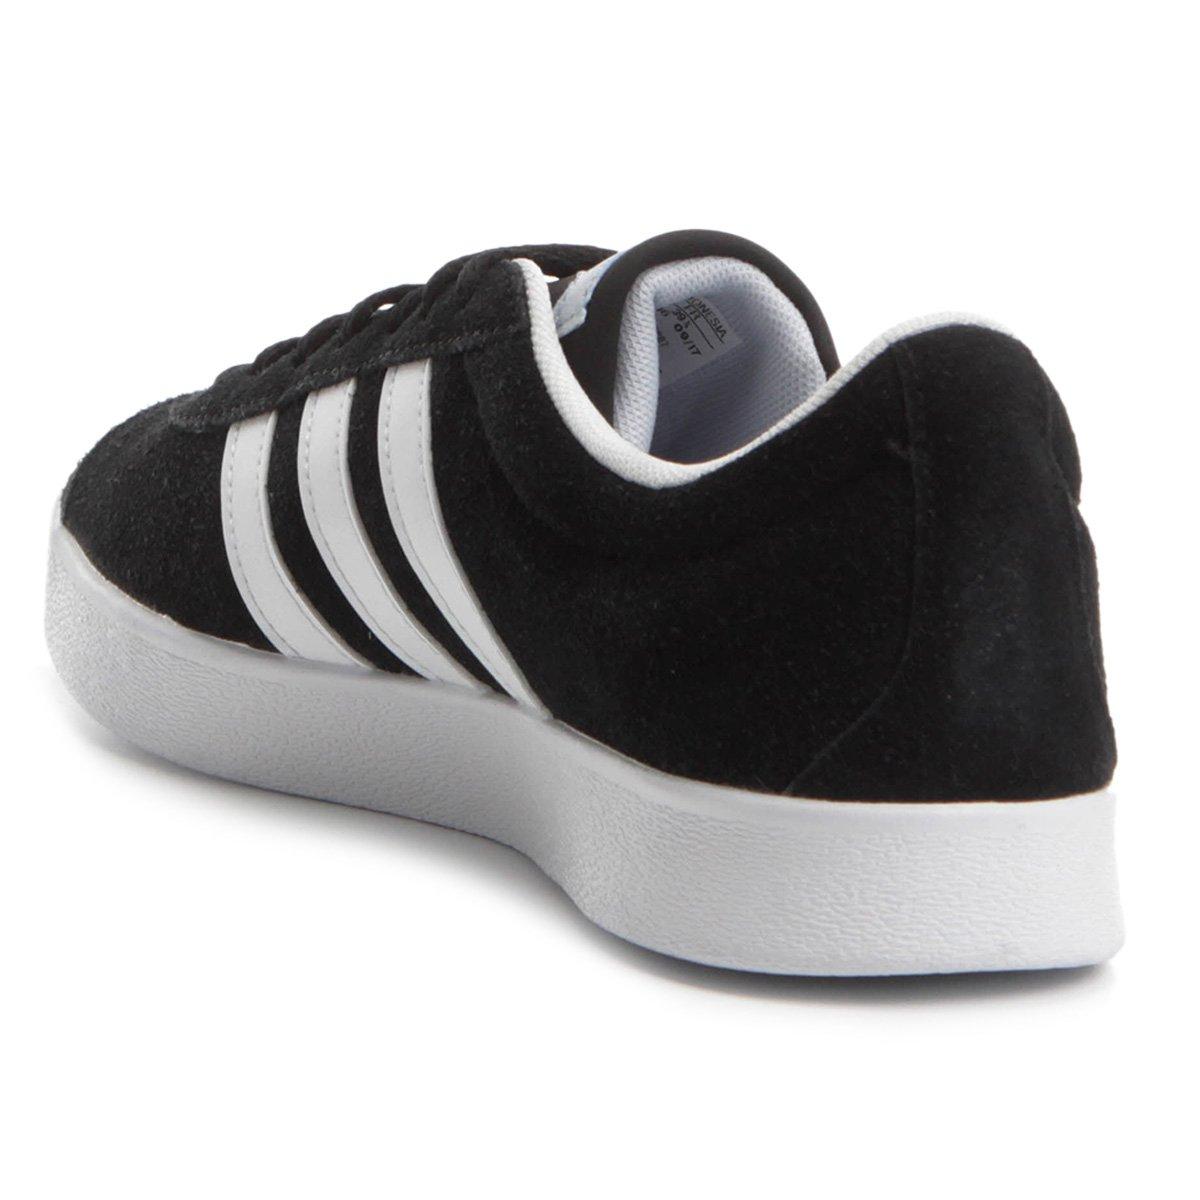 Tênis Adidas Vl Court 2 Feminino - Compre Agora  53ffa58a14a08